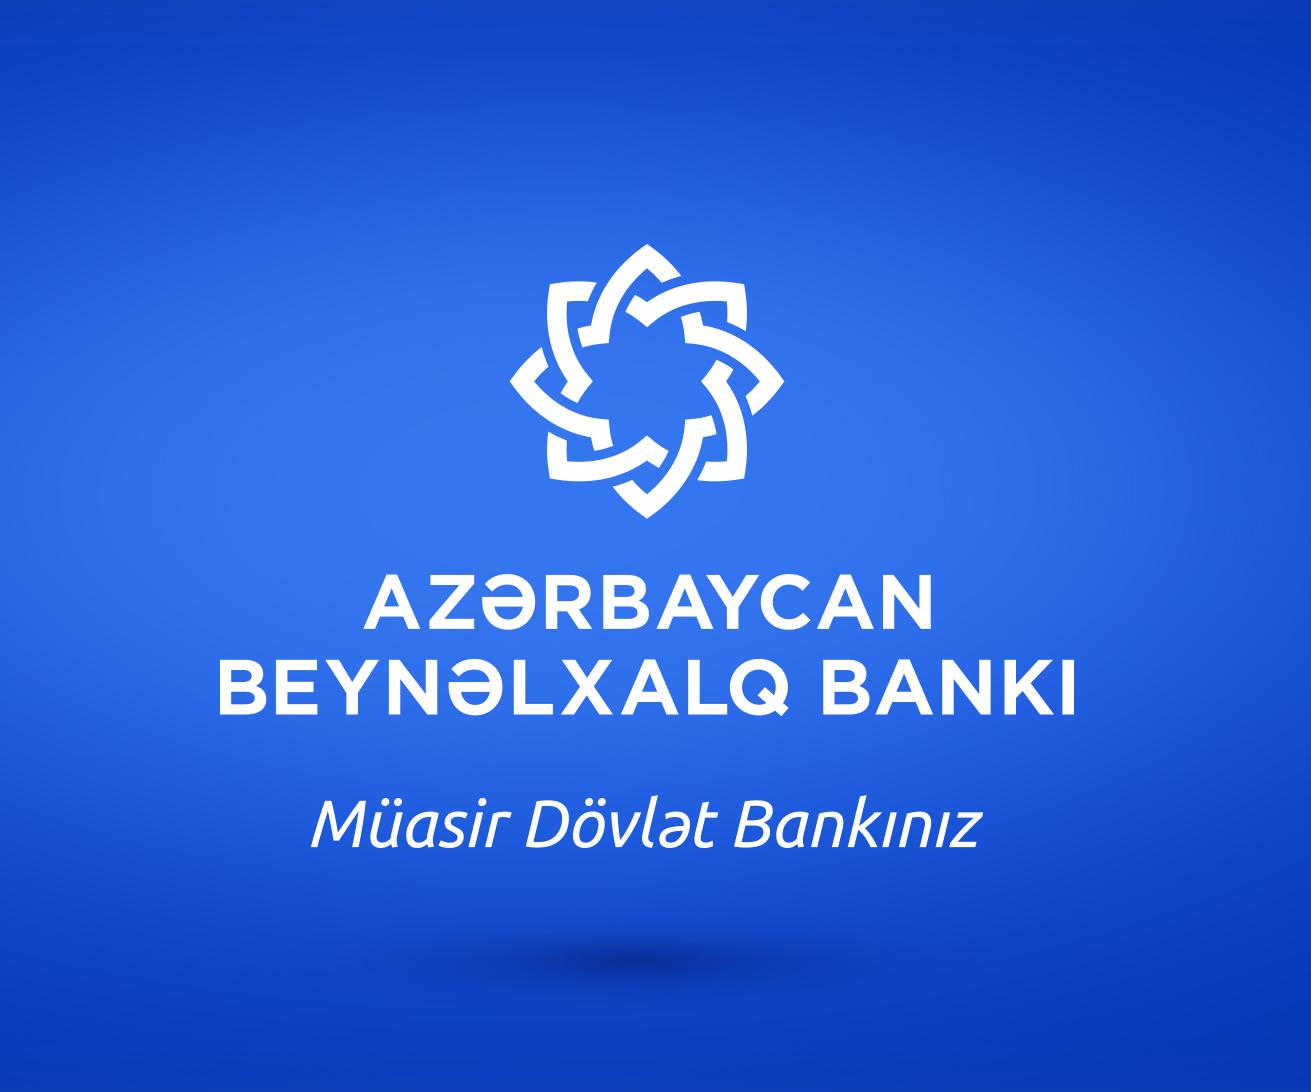 Международный Банк Азербайджана в очередной раз выплатит дивиденды своим акционерам